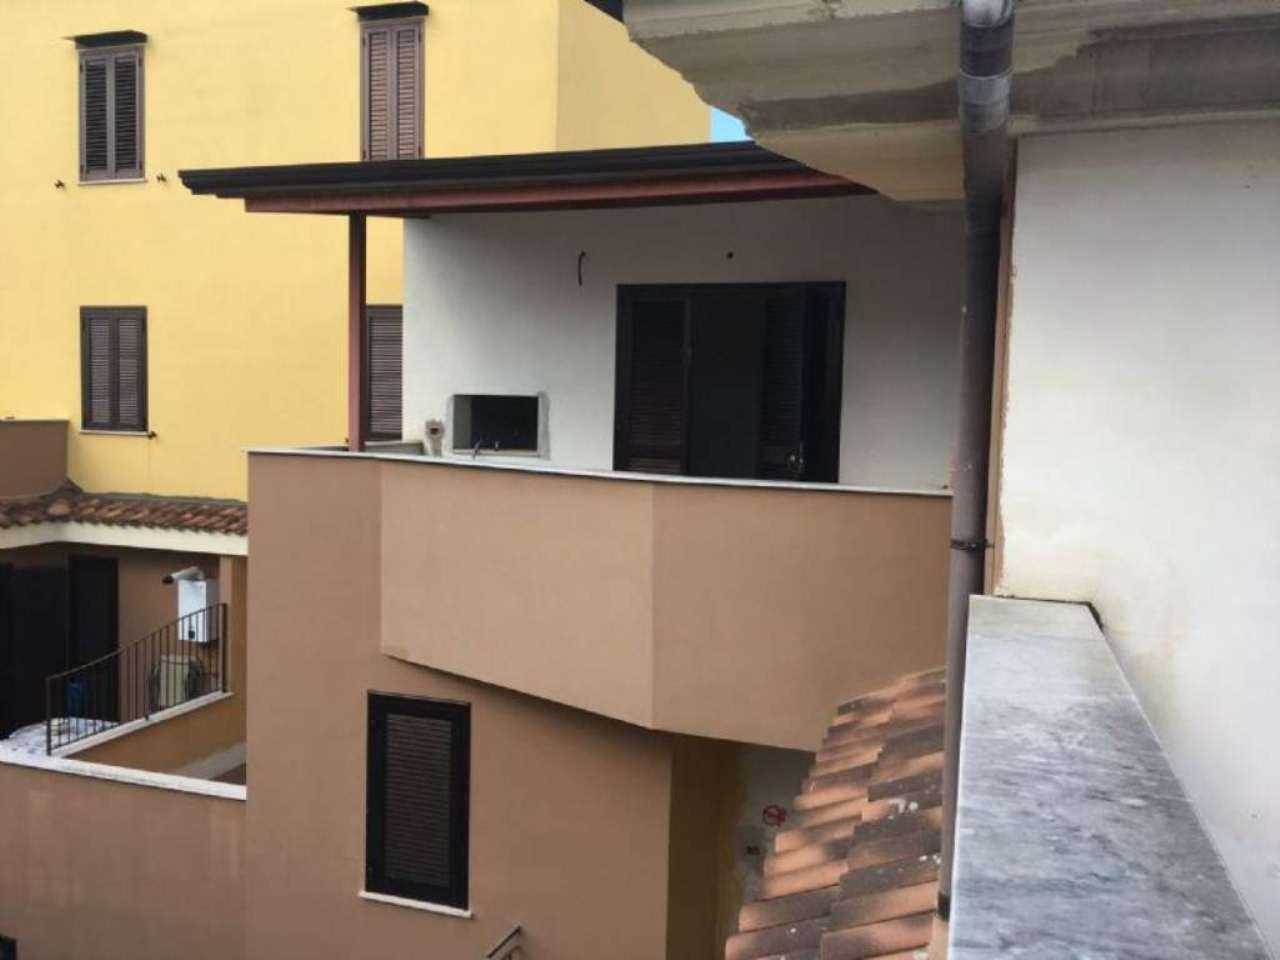 Attico / Mansarda in vendita a Marigliano, 3 locali, prezzo € 190.000 | Cambio Casa.it